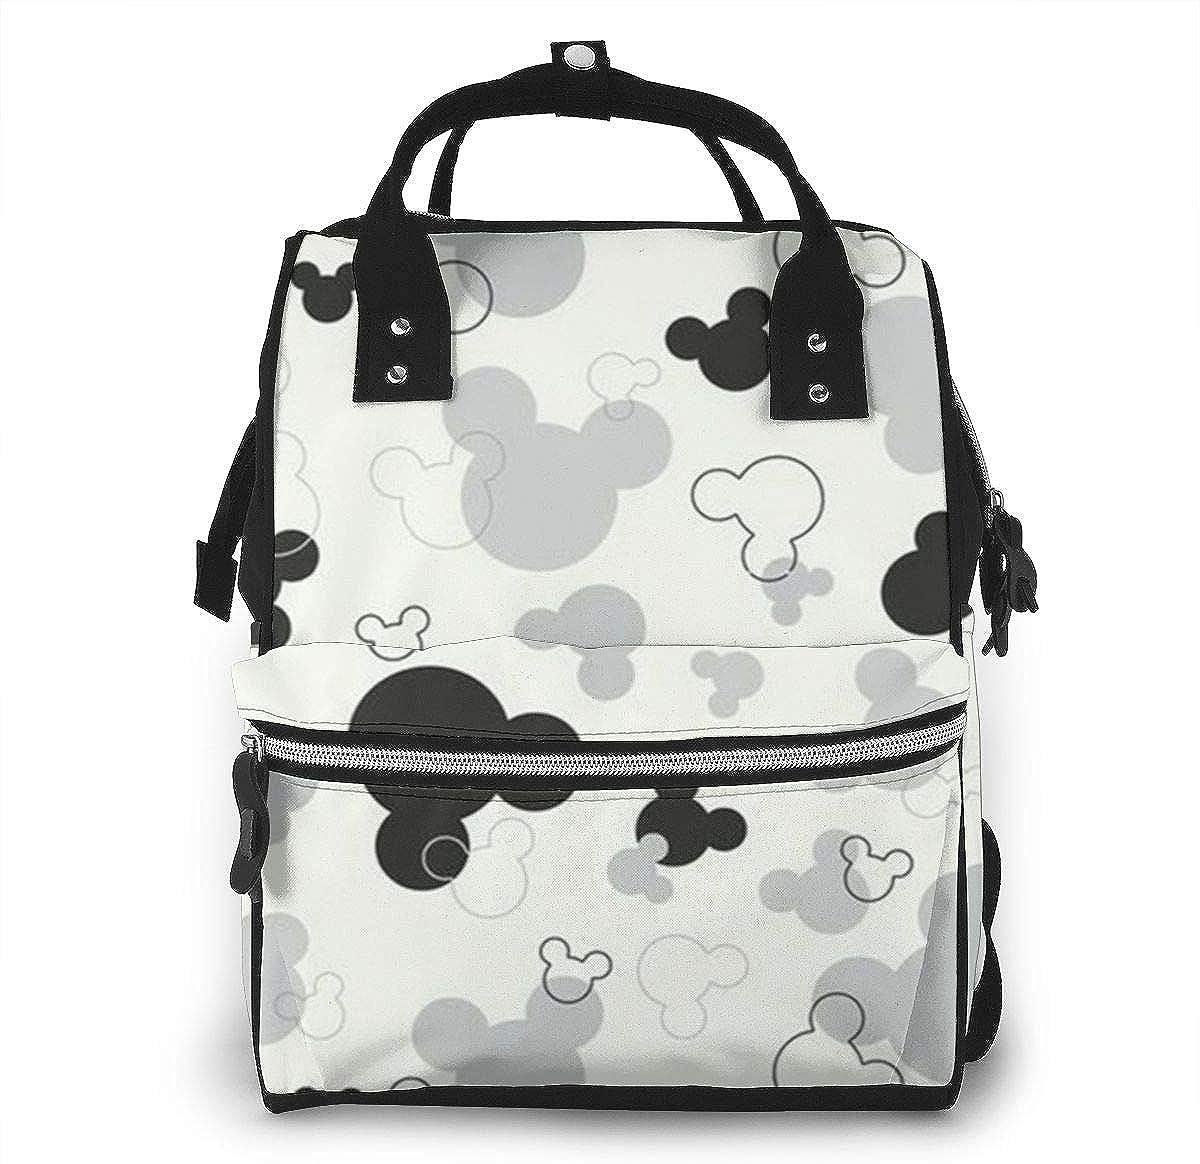 multifunci/ón pap/á Mochila para mam/á mochila para pa/ñales para mam/á a la moda y duradera con correas para cochecito y bolsillos aislados cambiador de pa/ñales Mickey Mouse Love gran capacidad